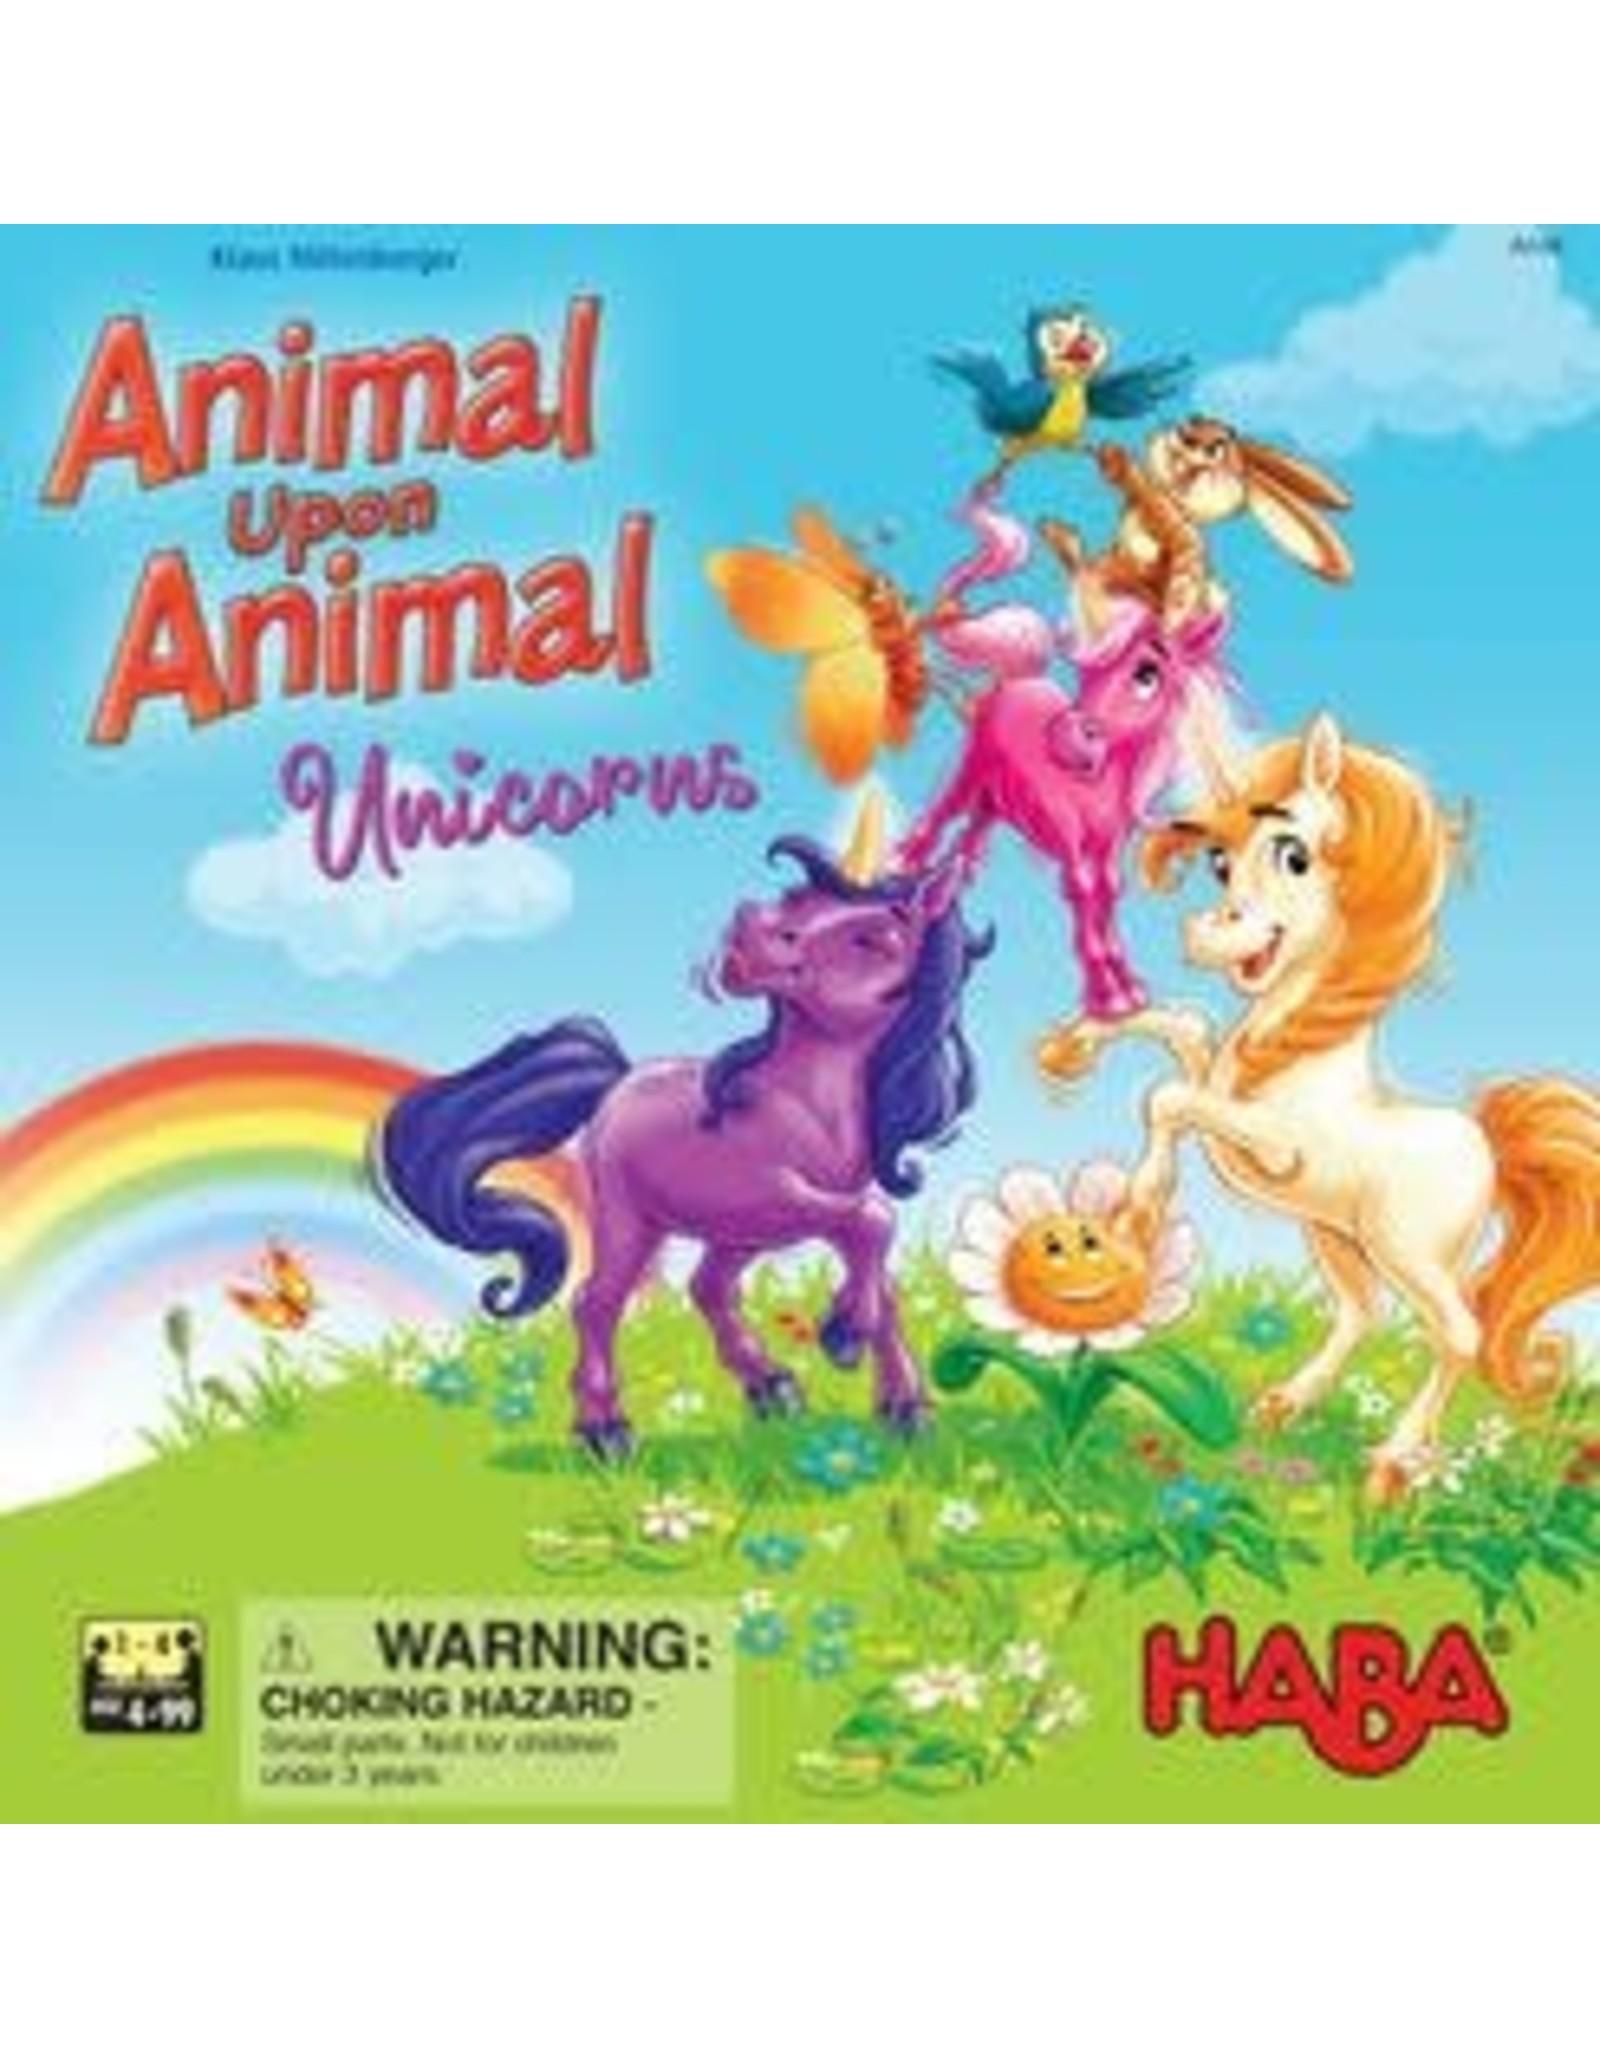 Haba Animal Upon Animal - Unicorns